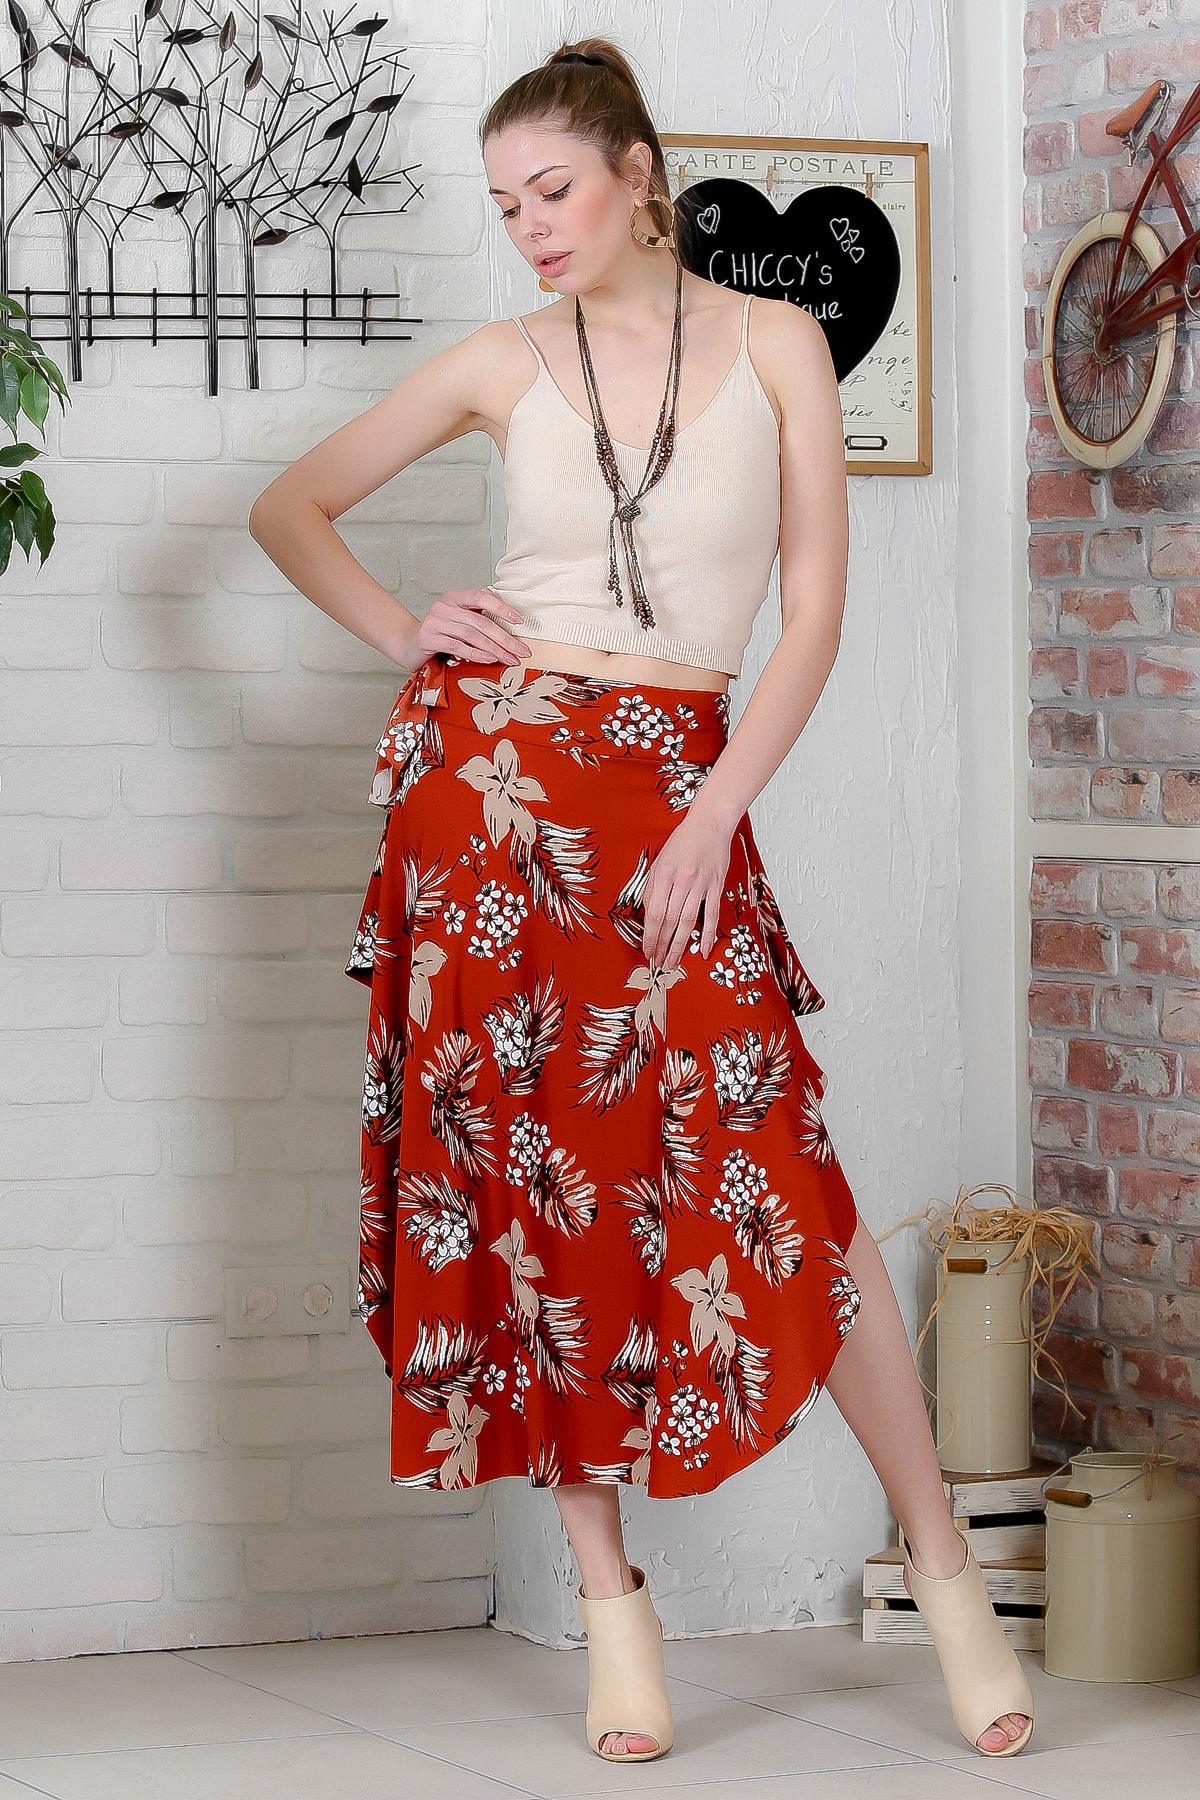 Chiccy Kadın Kiremit Asimetrik Çiçek Desenli Yanı Yırtmaçlı Bağlamalı Salaş Etek M10110000ET99274